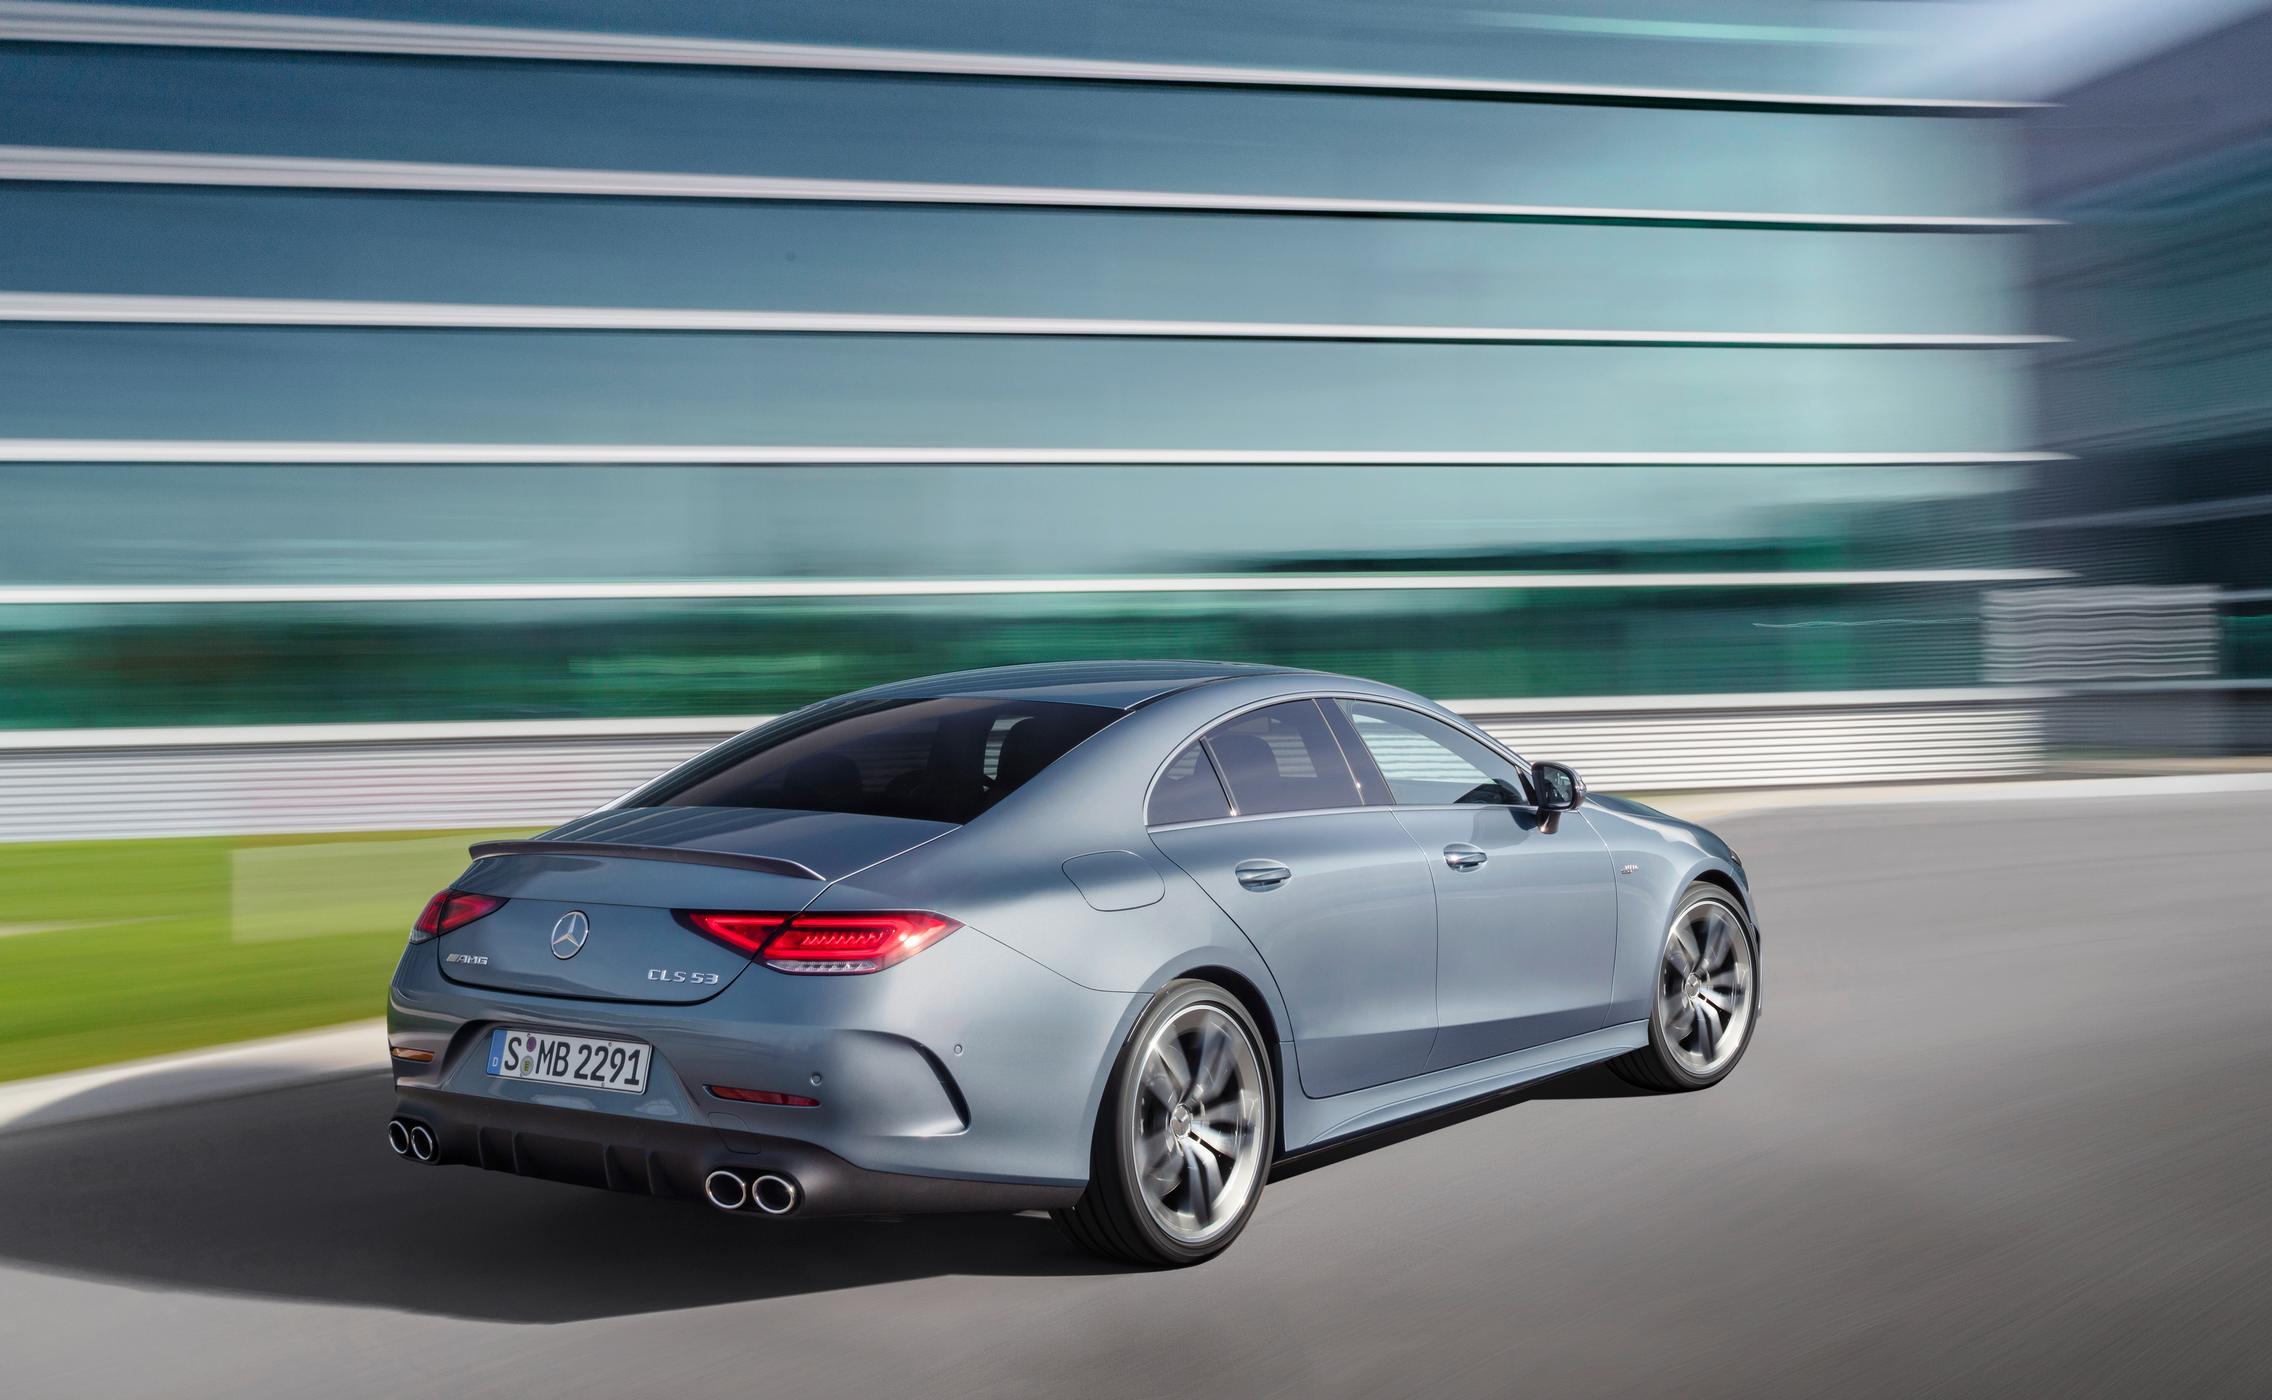 2022 Mercedes-AMG CLS 53 rear